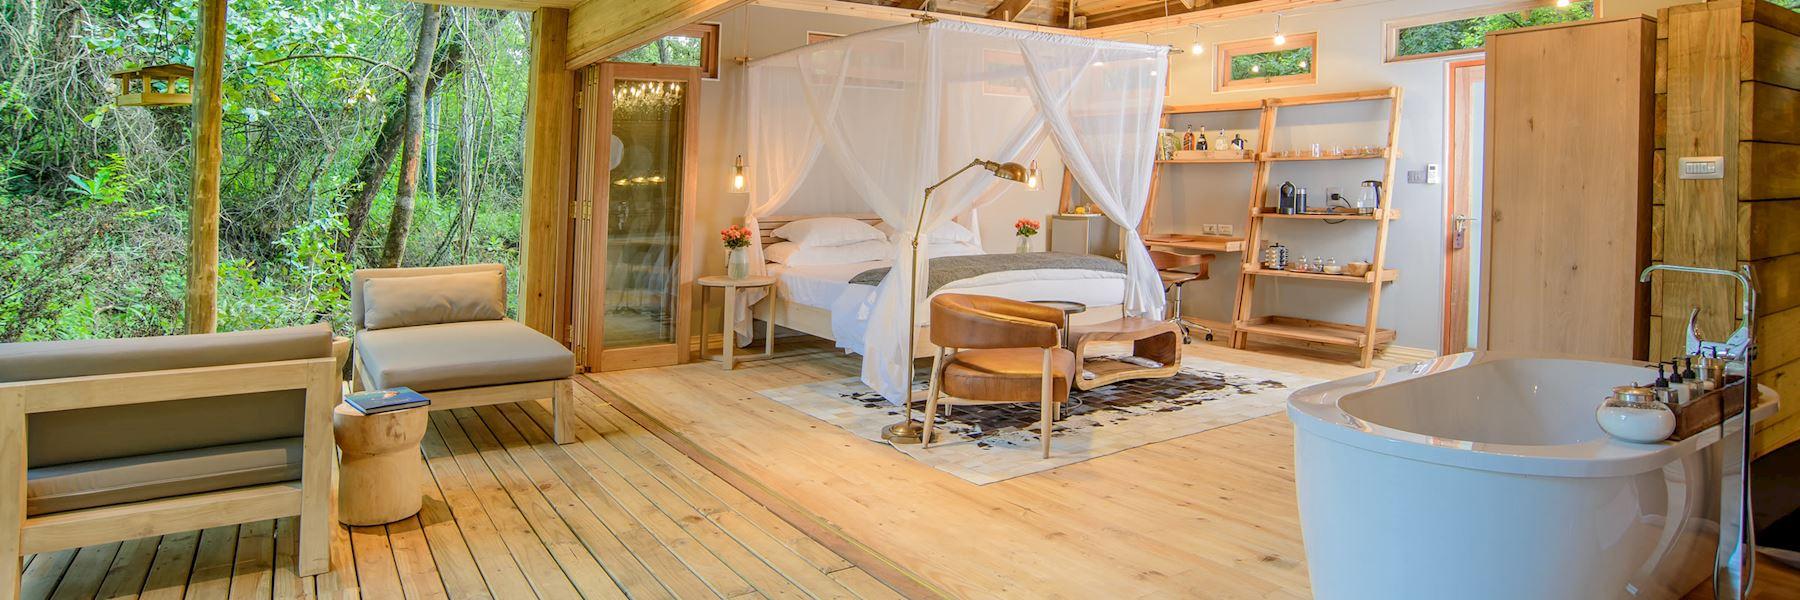 Summerfields Rose Retreat & Spa